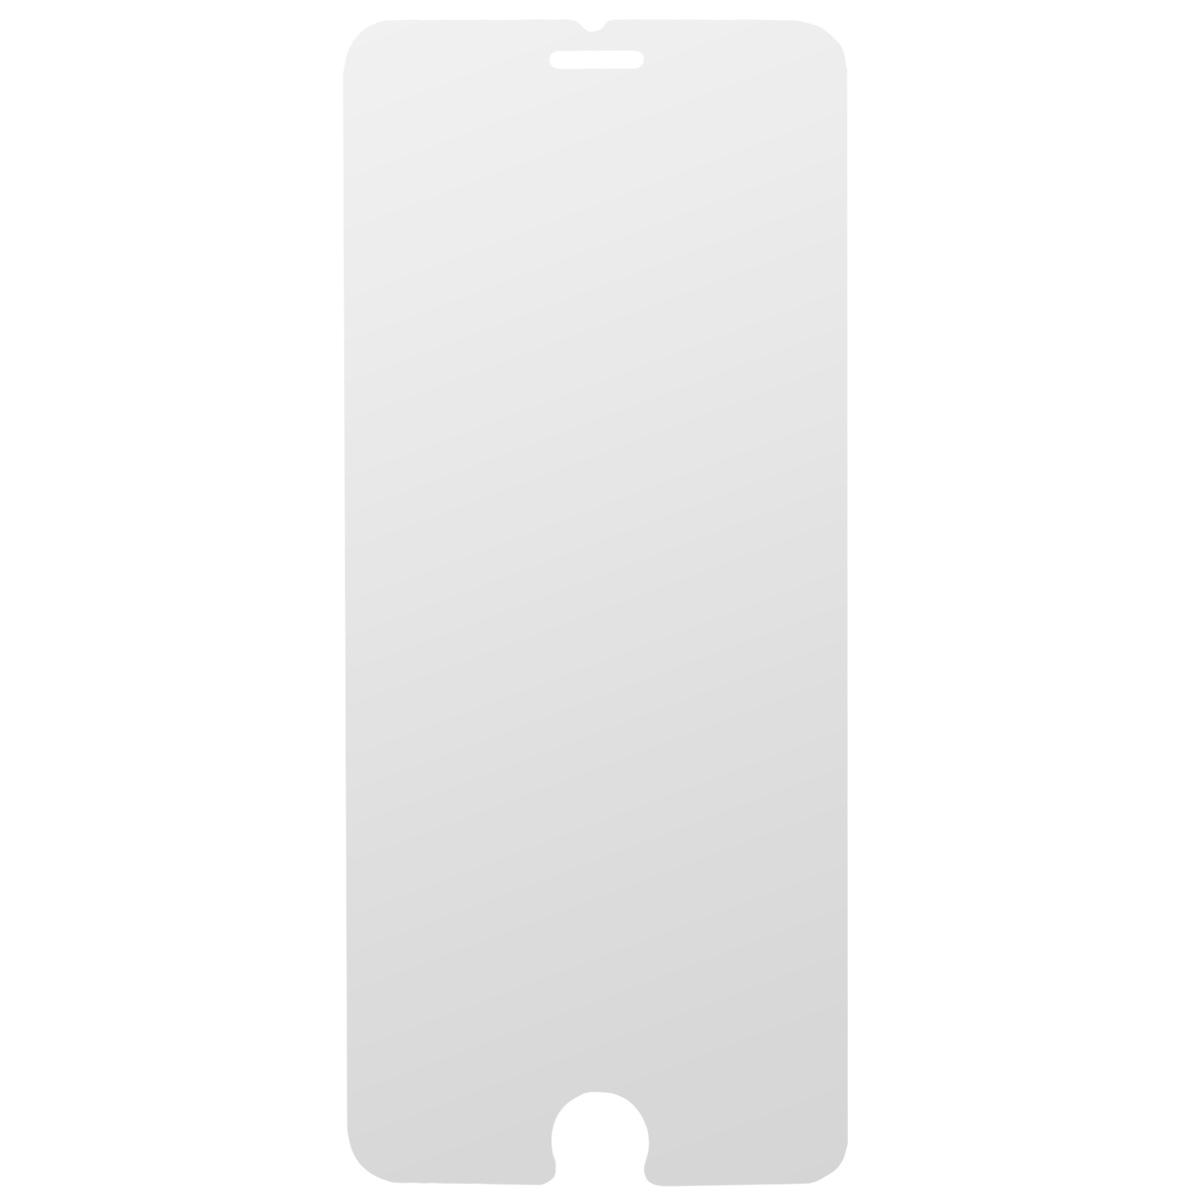 Highscreen защитное стекло для iPhone 6 Plus, прозрачное22884Защитное стекло Highscreen дляiPhone 6 Plus - надежная защита экрана смартфона от грязи, пыли, отпечатков пальцев и царапин. Стекло изготовлено точно по размеру экрана, отличается кристальной прозрачностью и имеет все необходимые прорези.